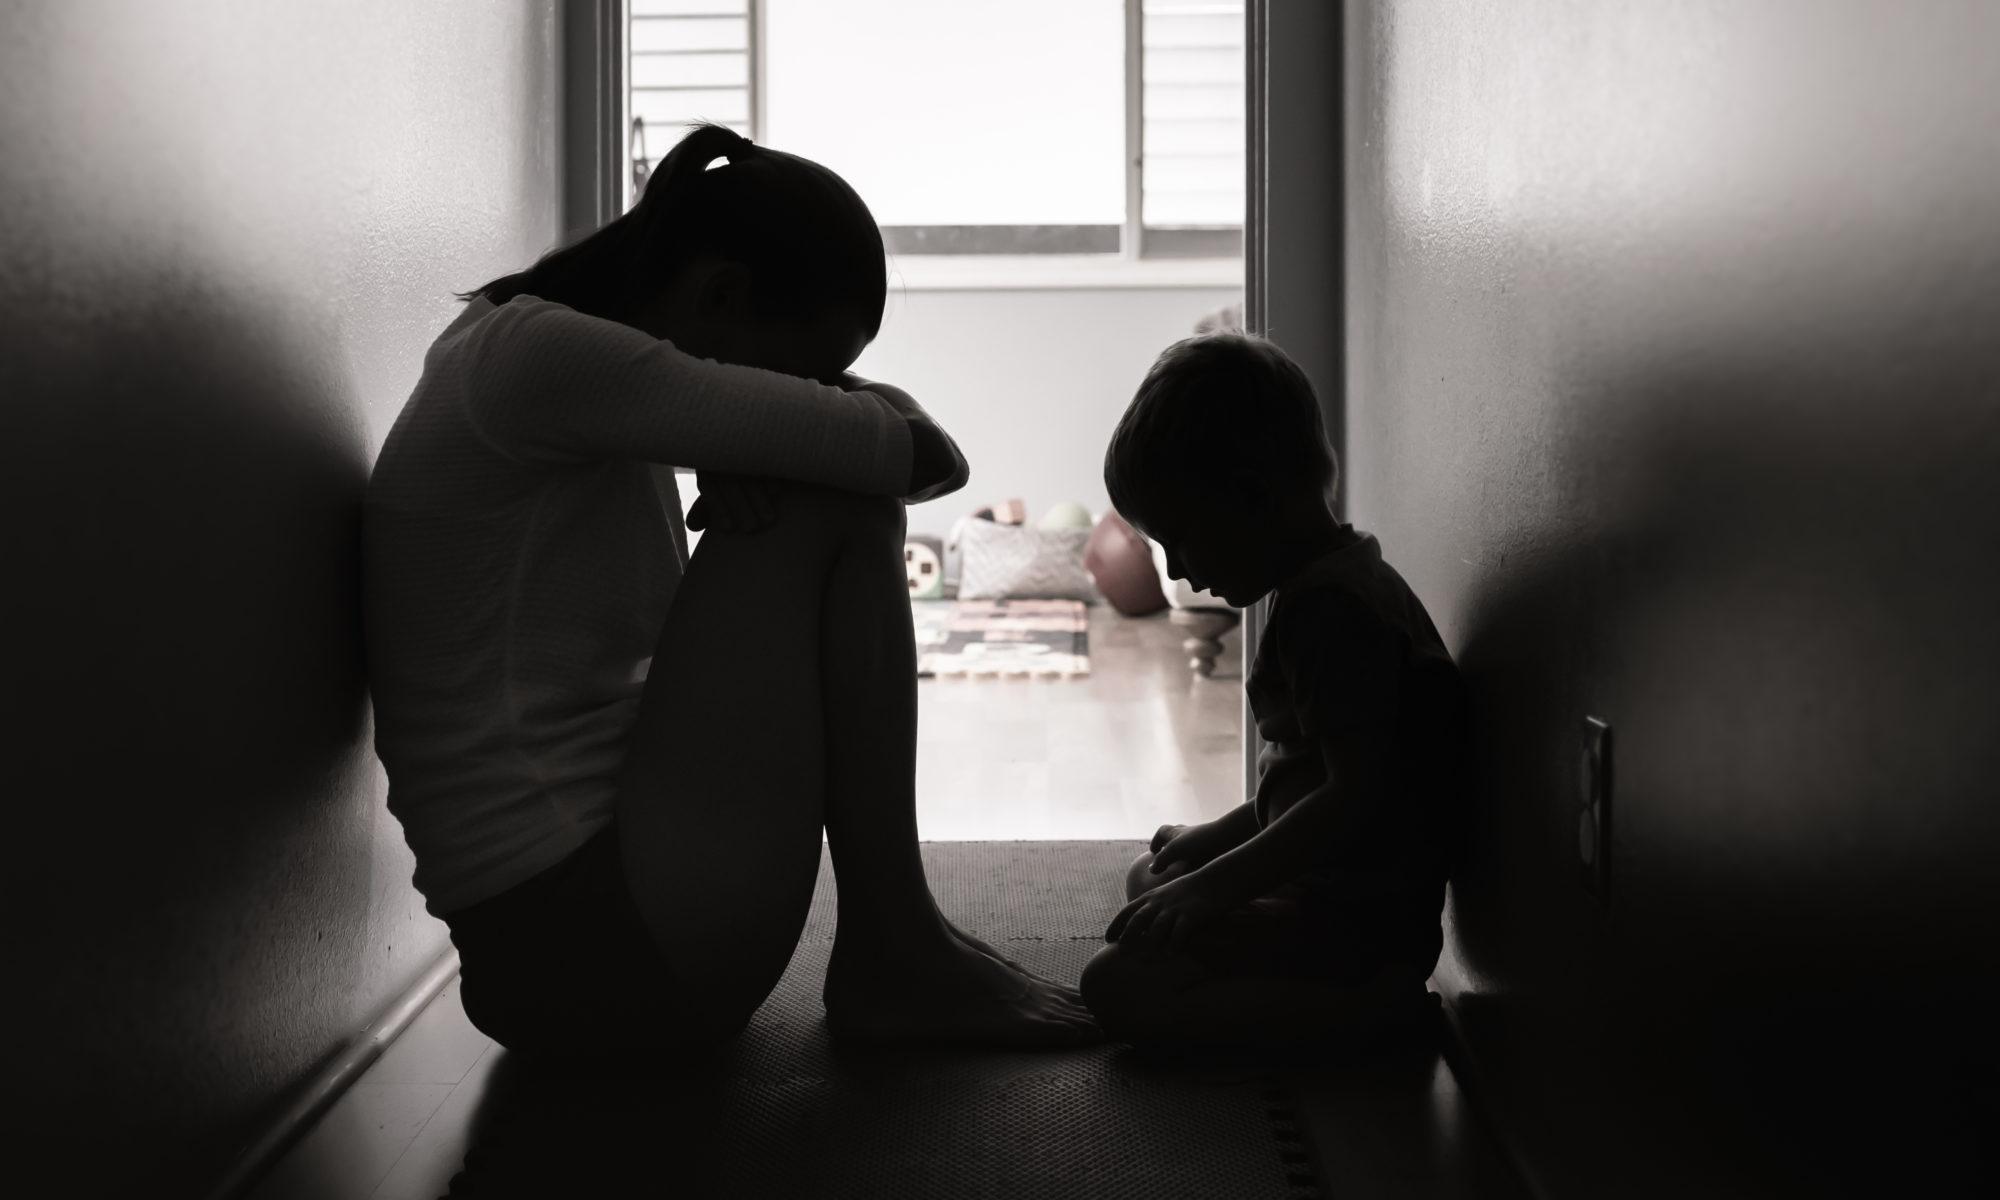 AdobeStock 420556446 2000x1200 - Hartz IV: 116.650 Kinder bekommen den Freizeitzuschlag nicht!